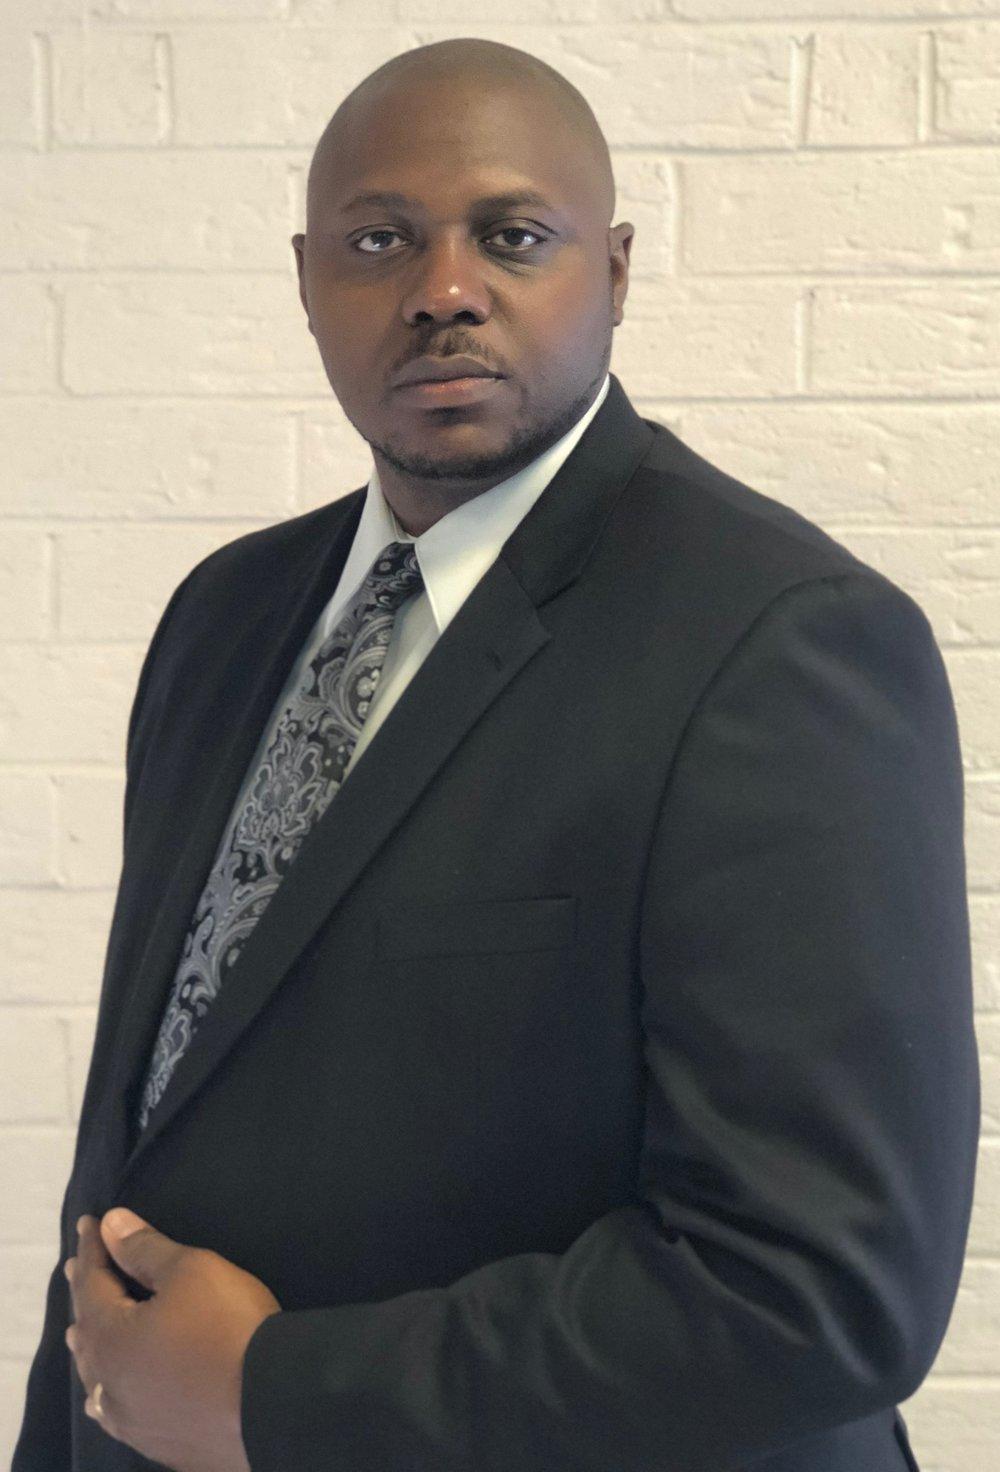 Rev. Steven L. Howard, Senior Pastor